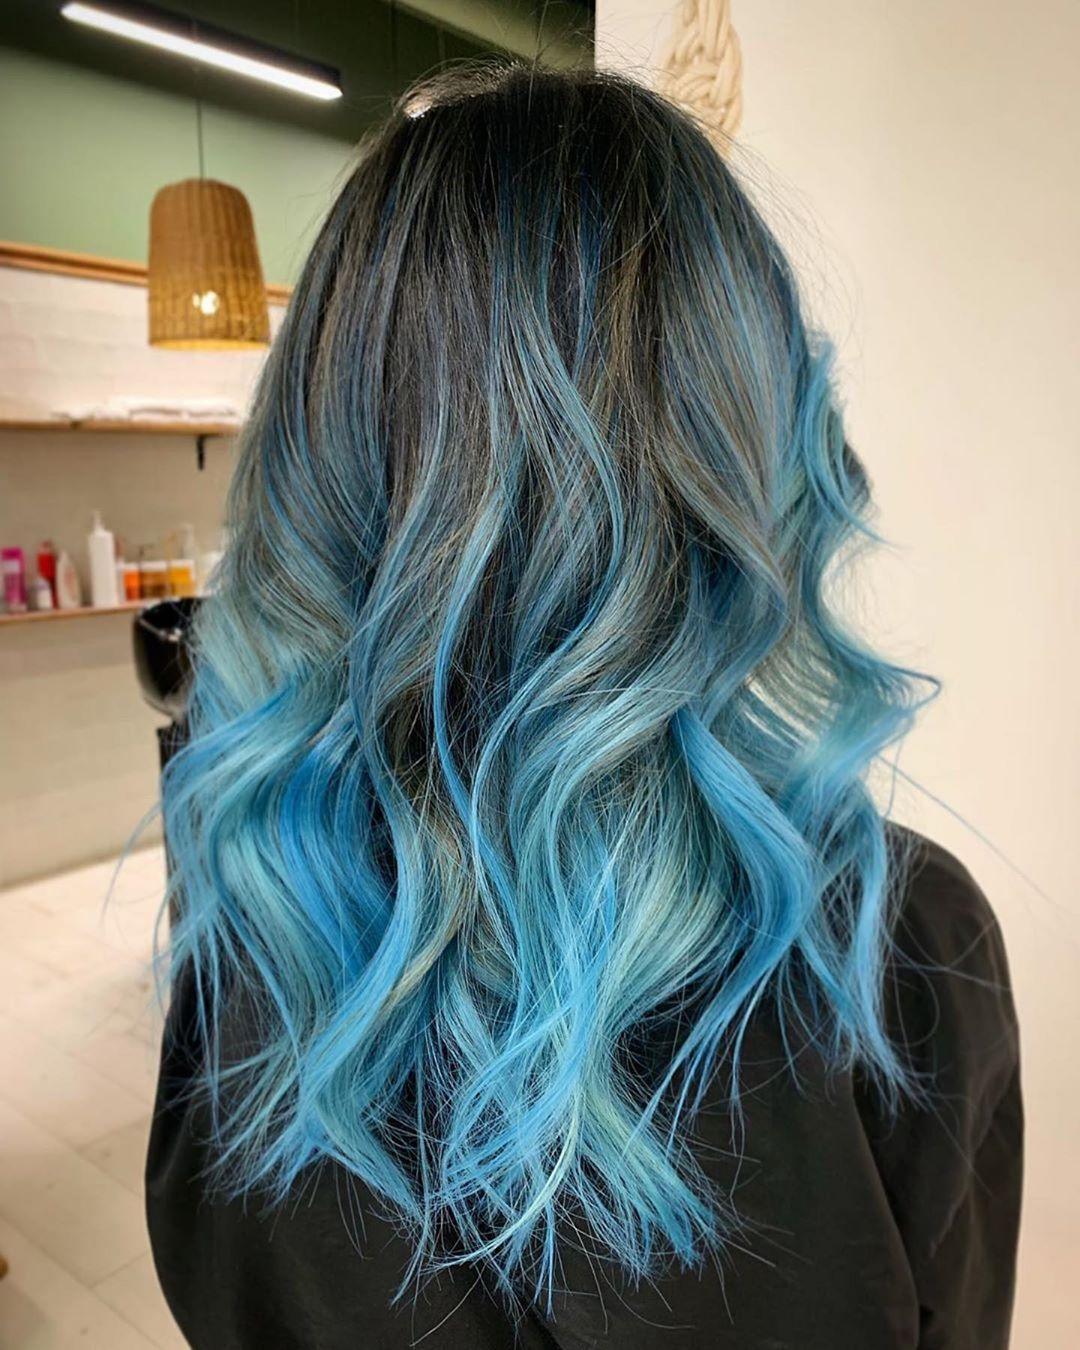 Растяжка цвета на волосах фото 17